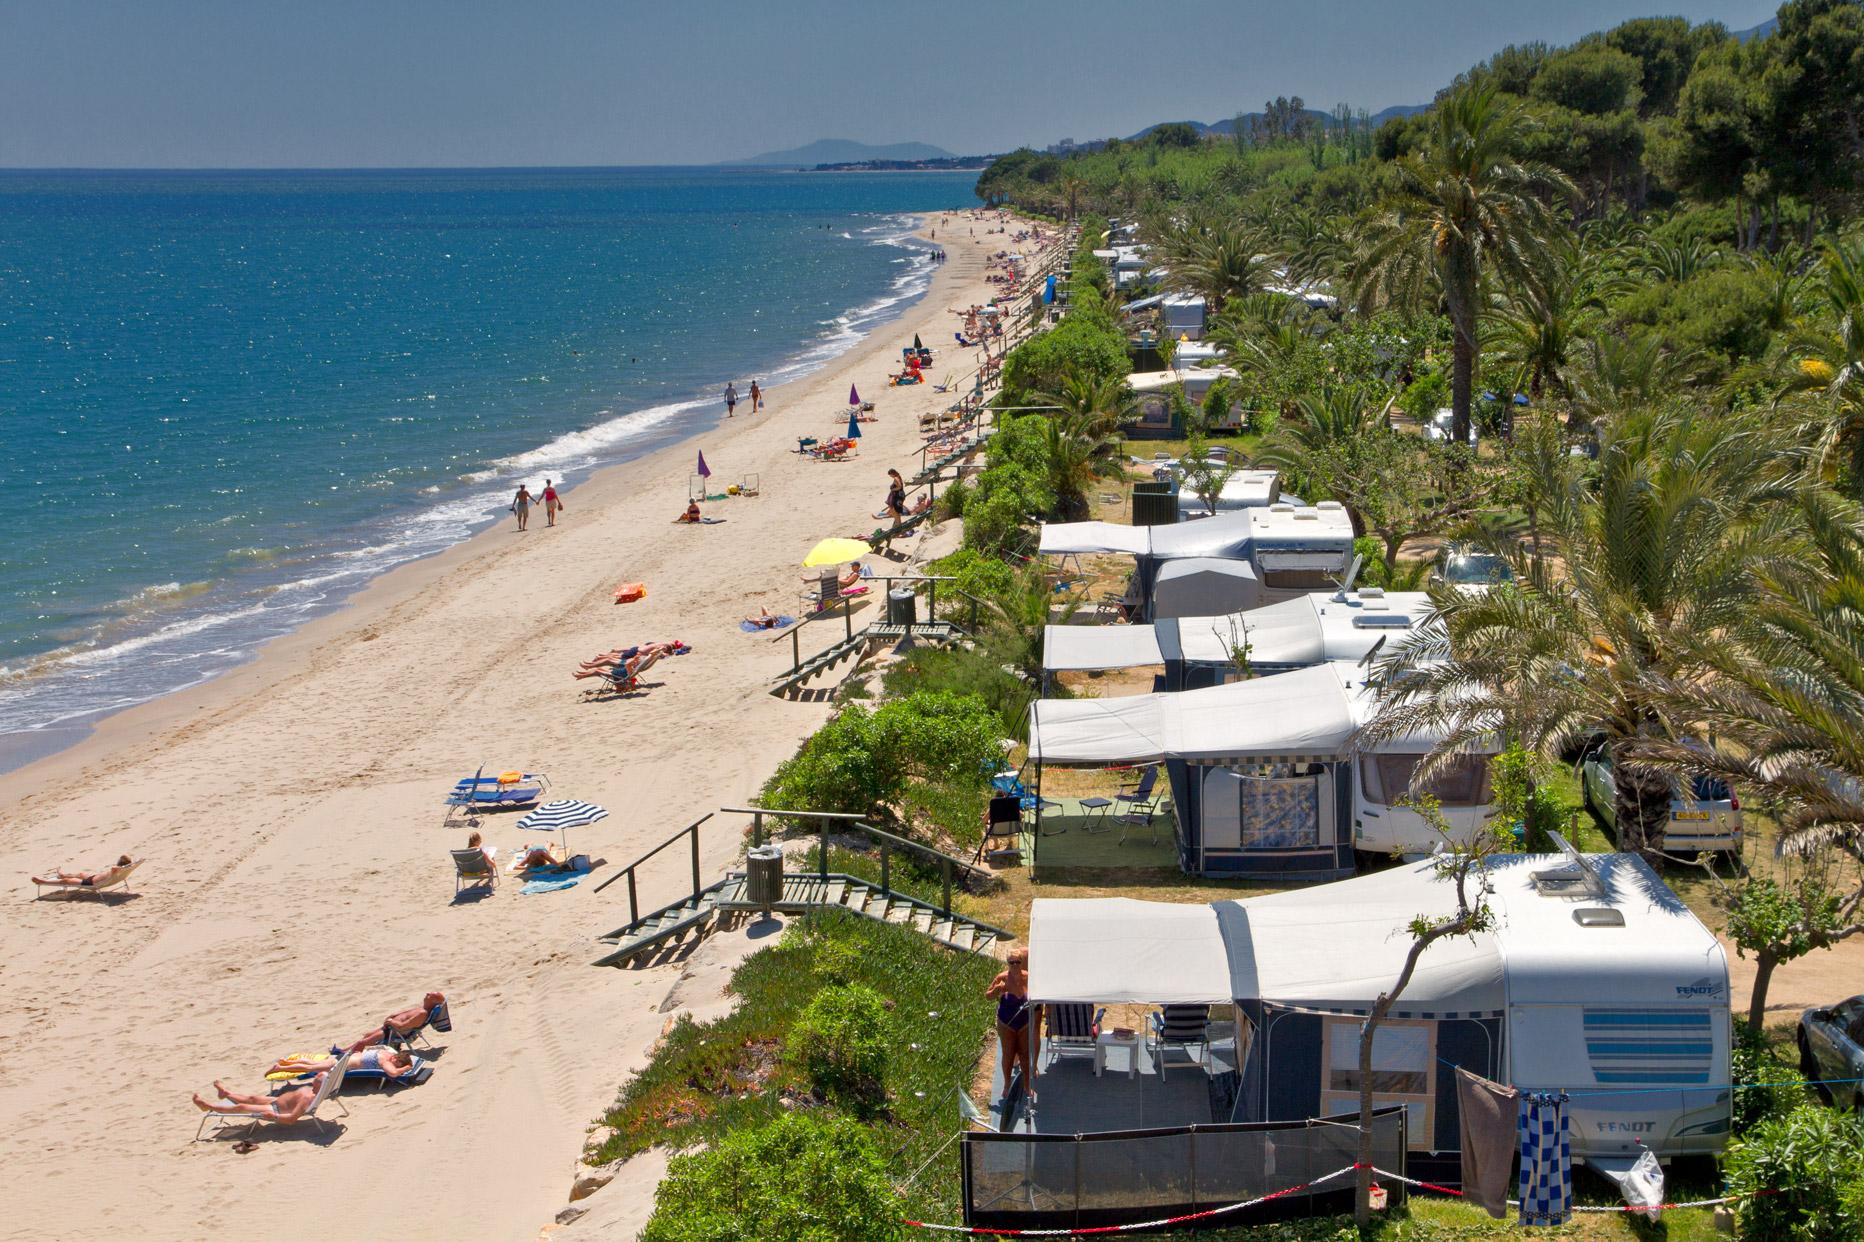 Los campings espa oles premiados por su calidad todo for Camping jardin de las dunas tarifa